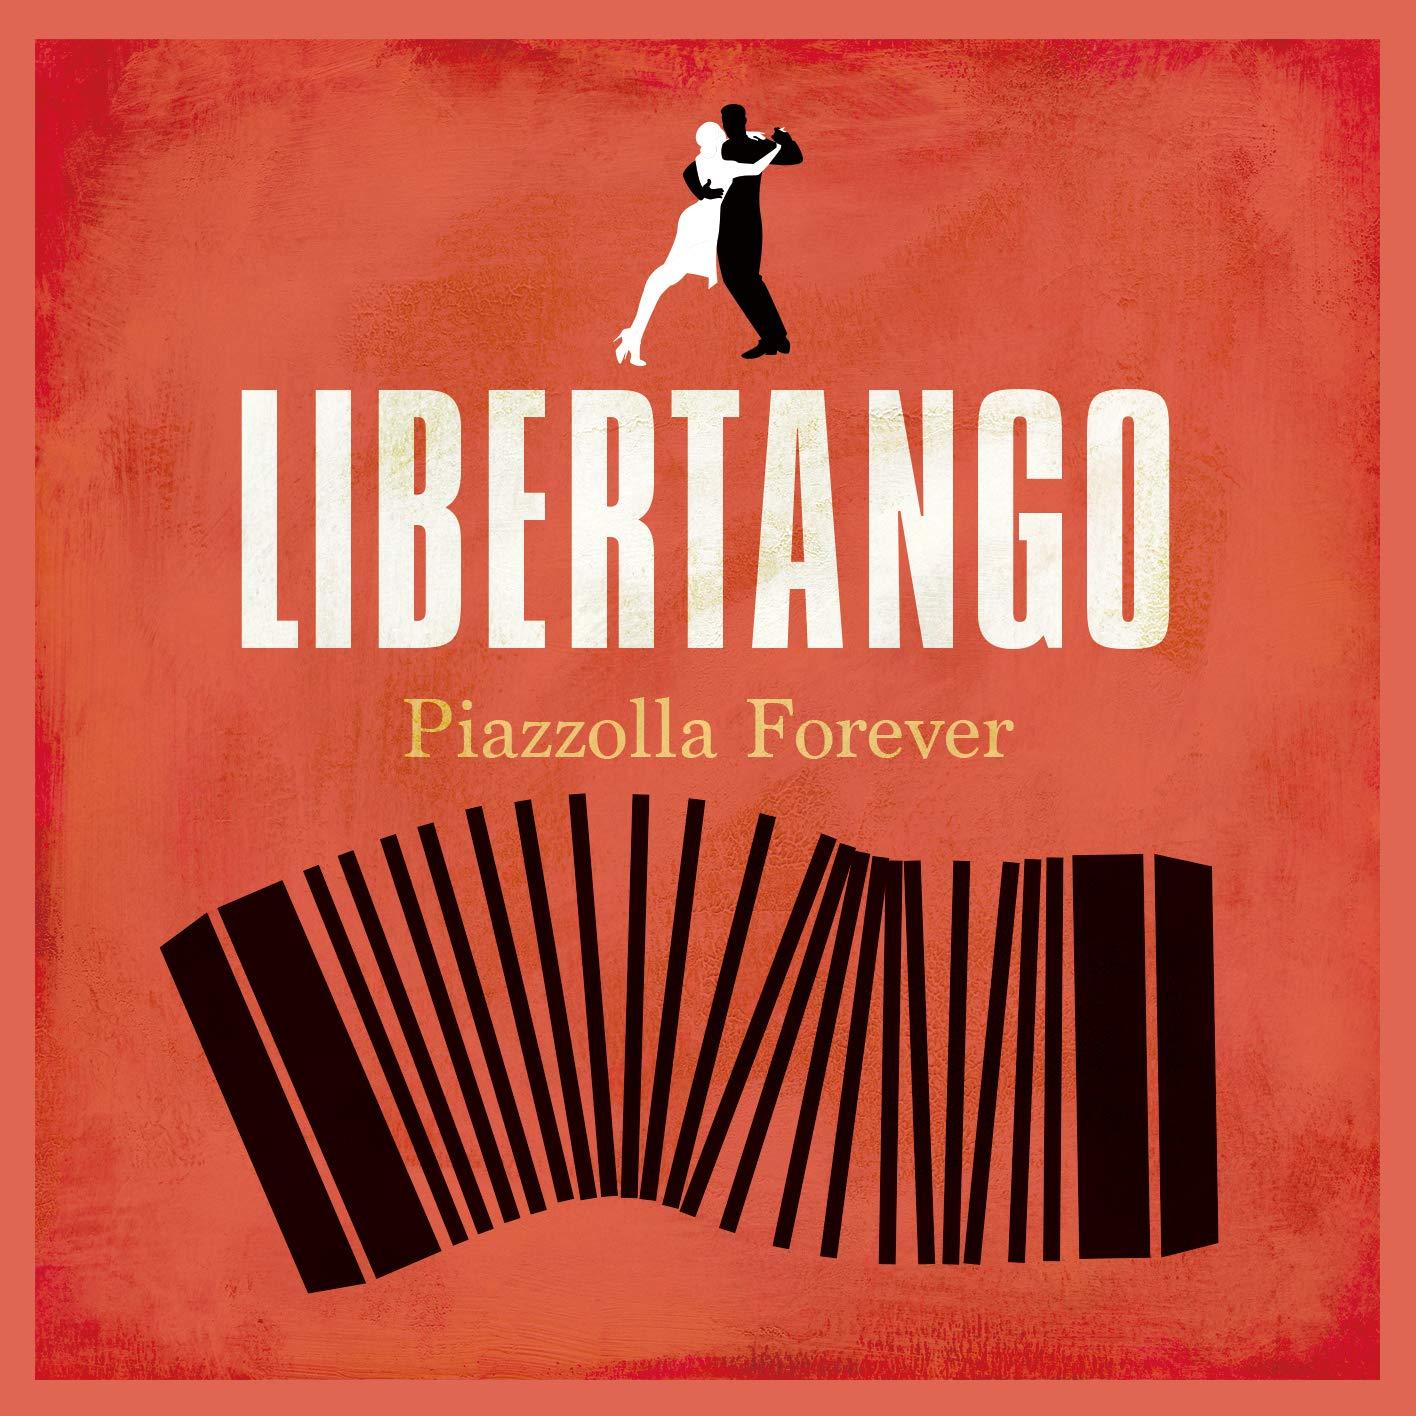 Audio Cd (Classical Compilations) - Astor Piazzolla Best NUOVO SIGILLATO, EDIZIONE DEL 20/01/2021 SUBITO DISPONIBILE